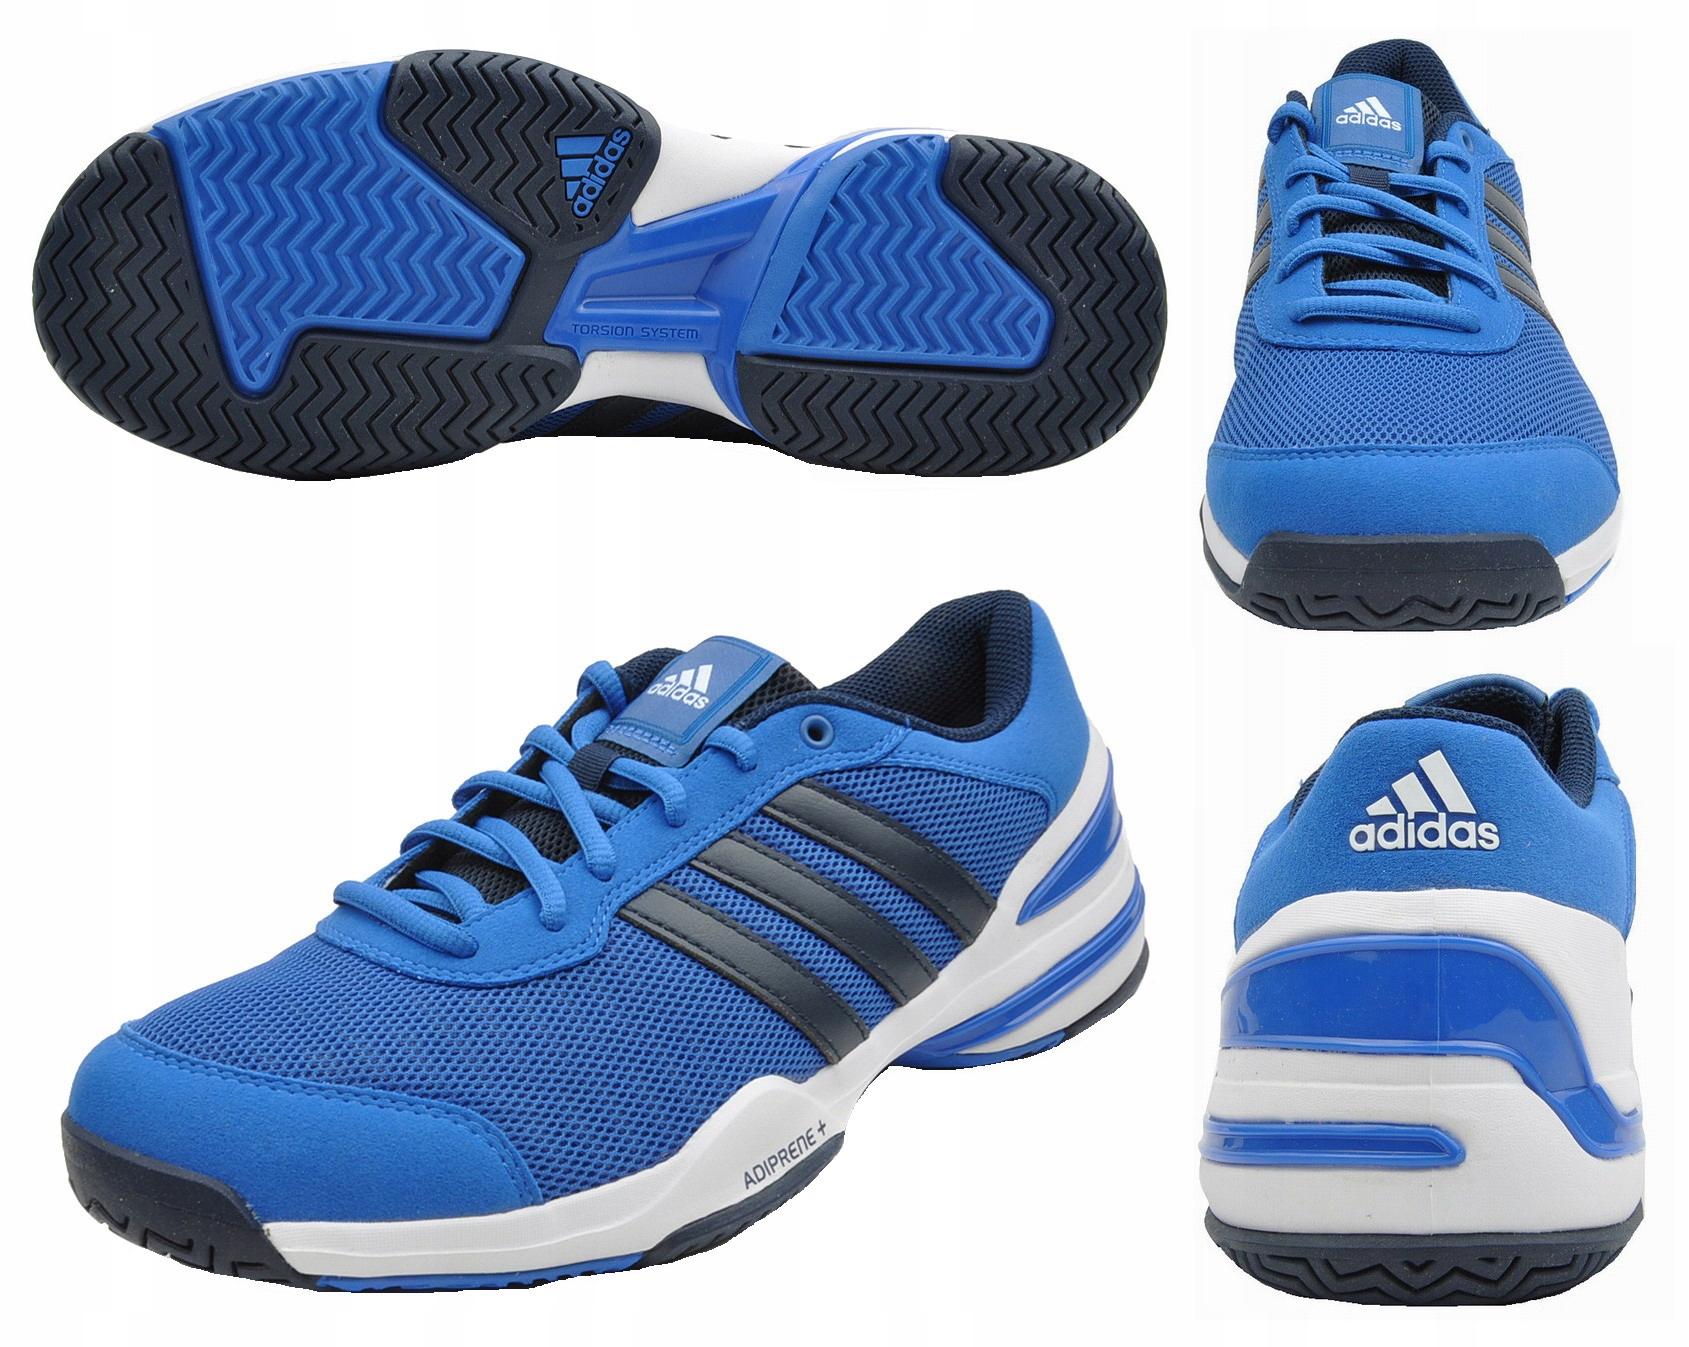 Adidas Rally Oop buty tenisowe męskie 44 23